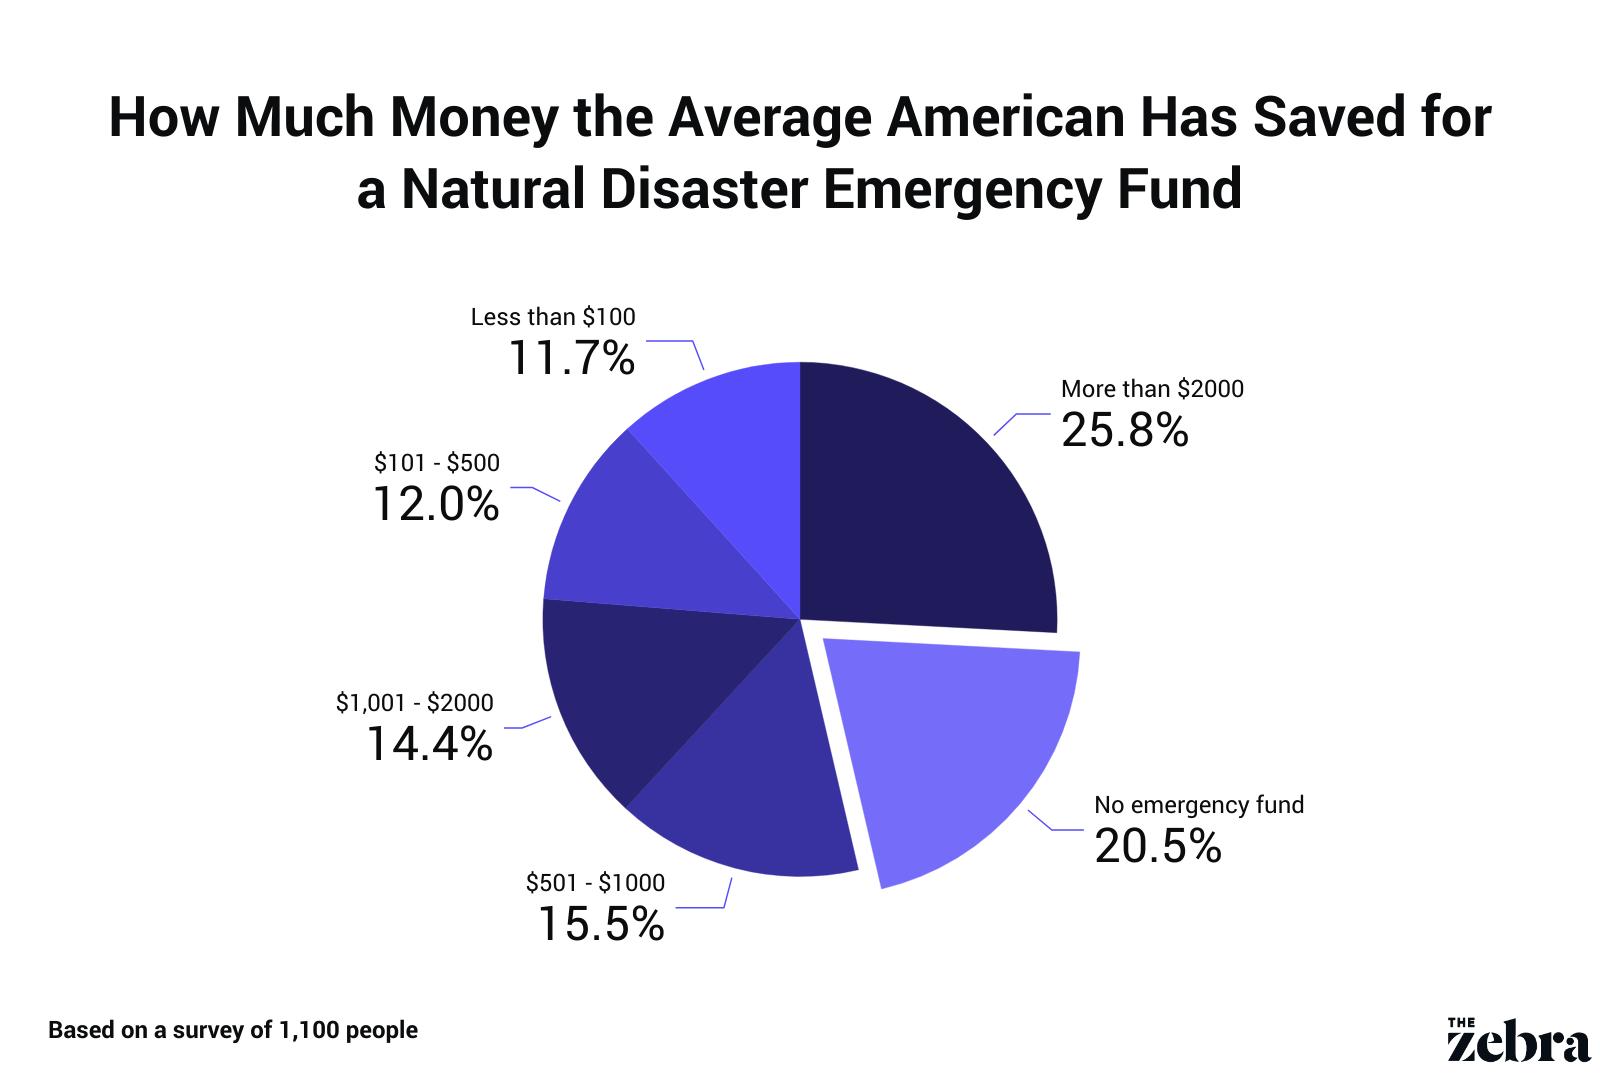 emergencyfundsfornaturaldisasters